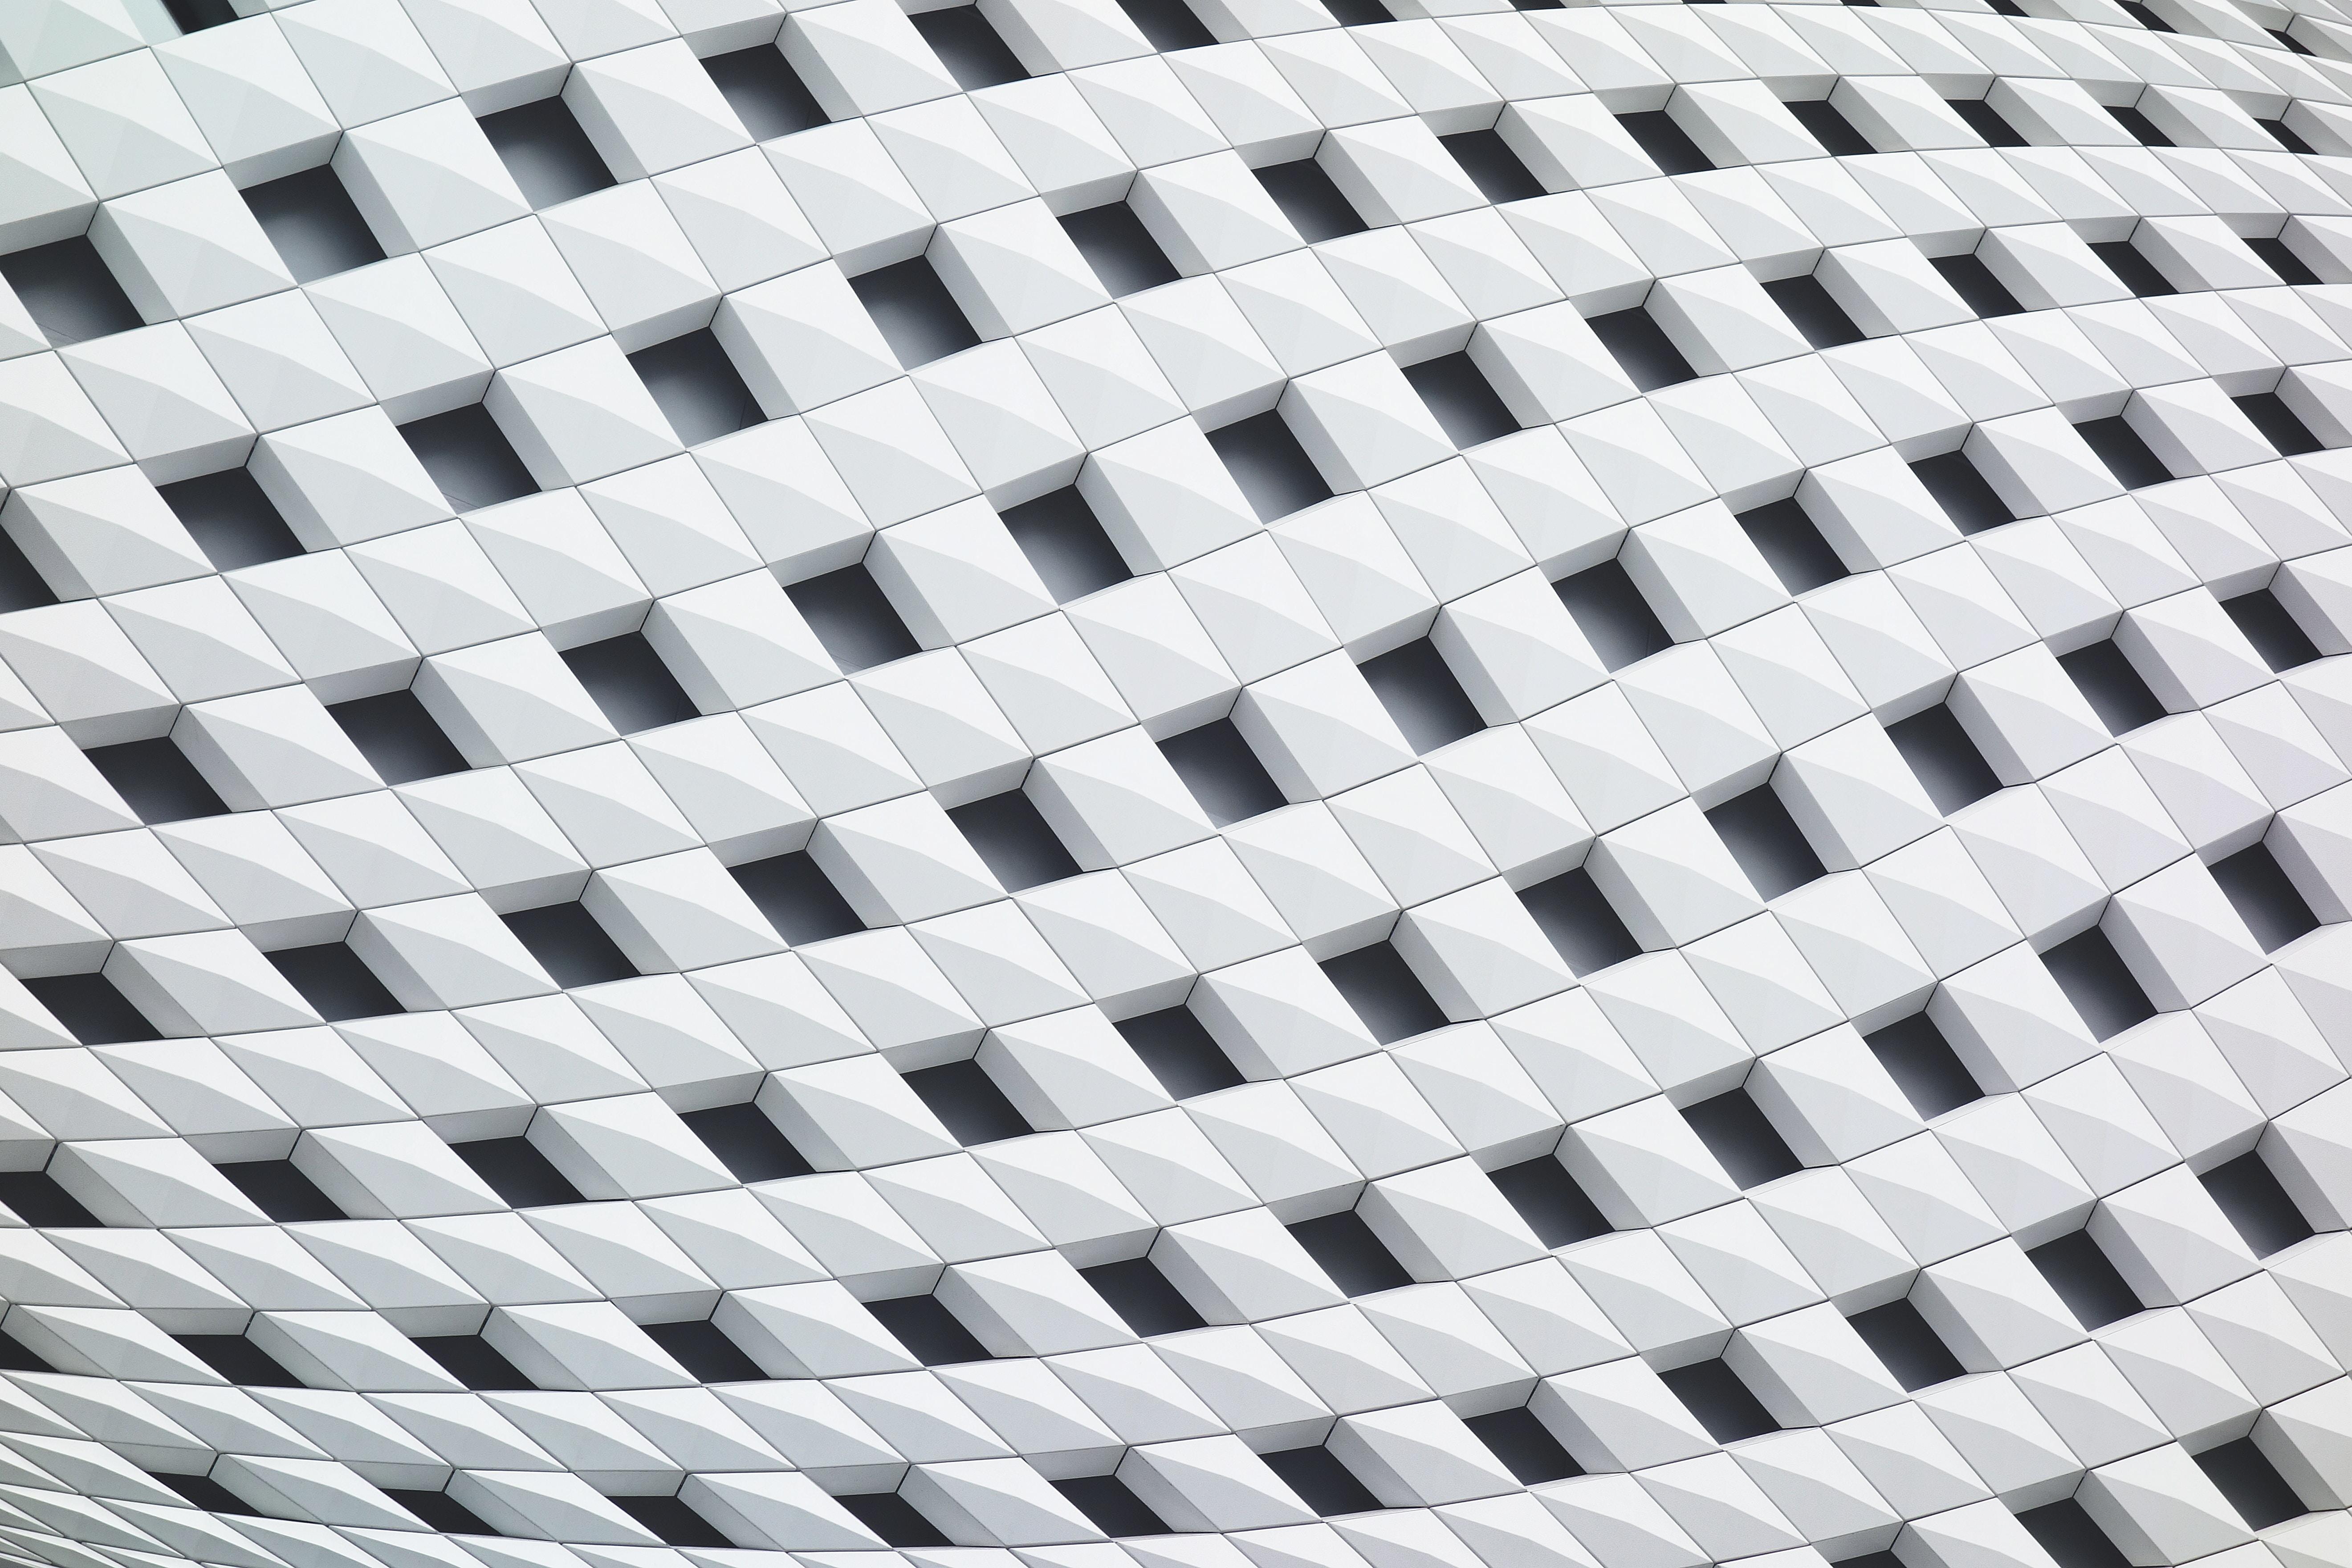 A curving facade with a latticework of white tiles